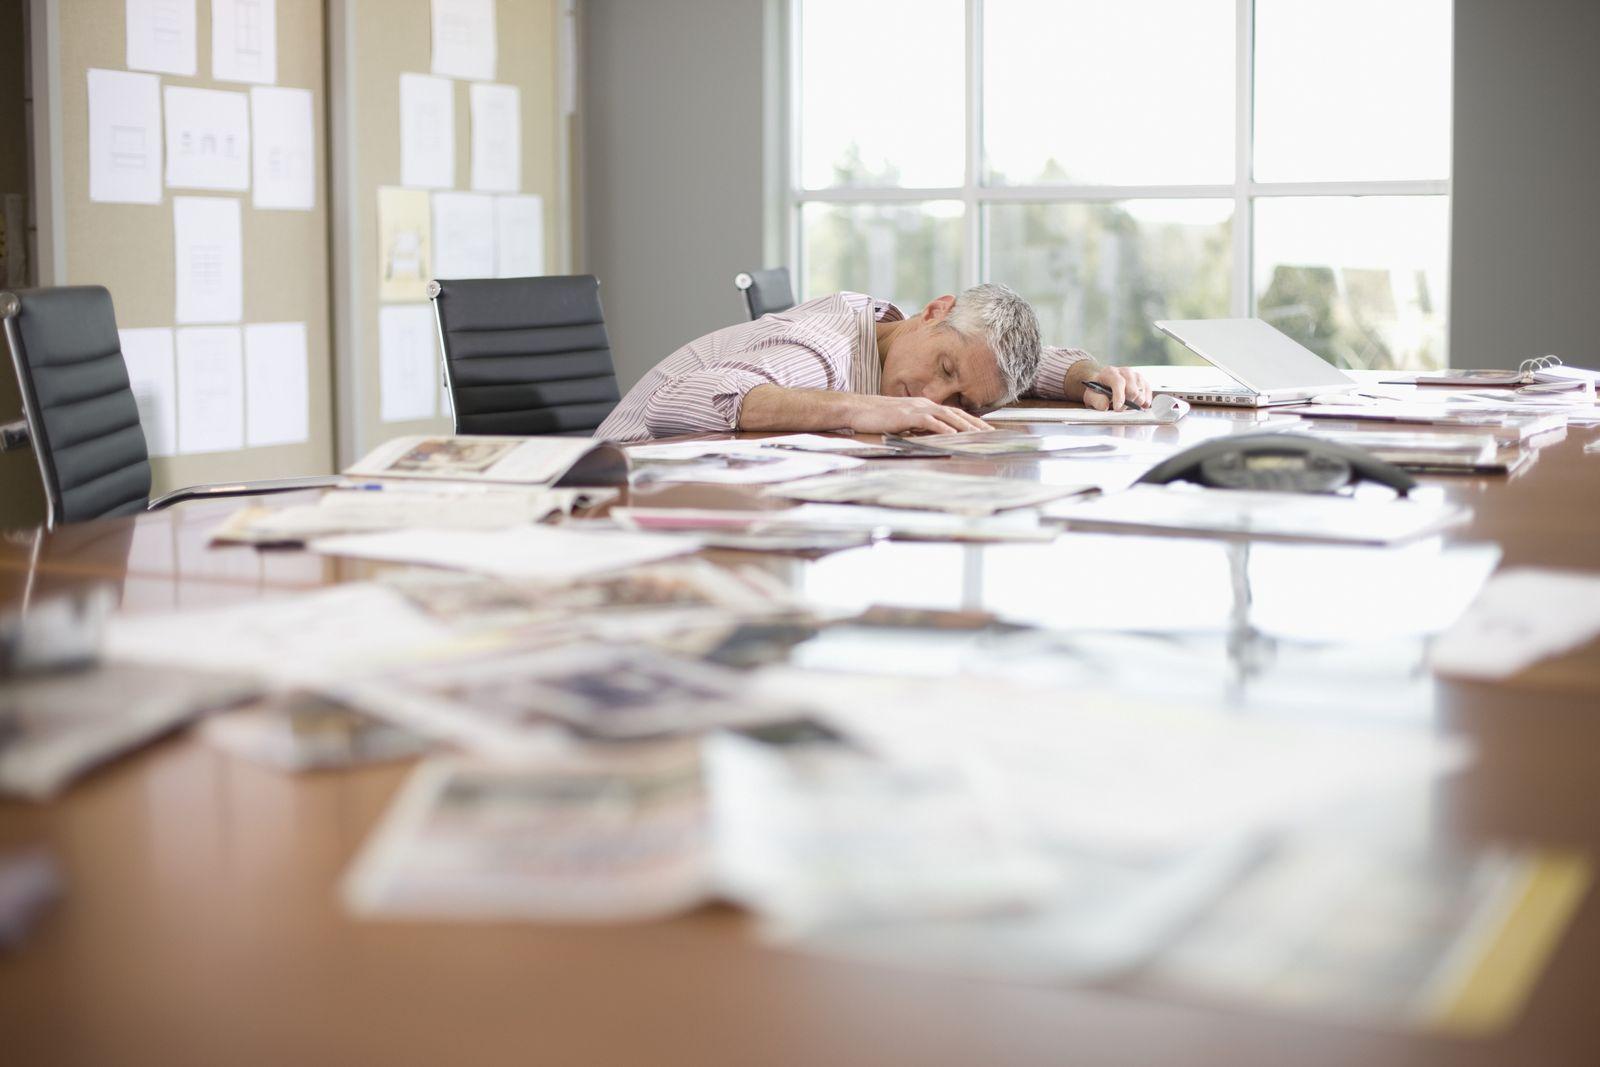 NICHT MEHR VERWENDEN! - Tisch / Schreibtisch / überarbeitet / müde